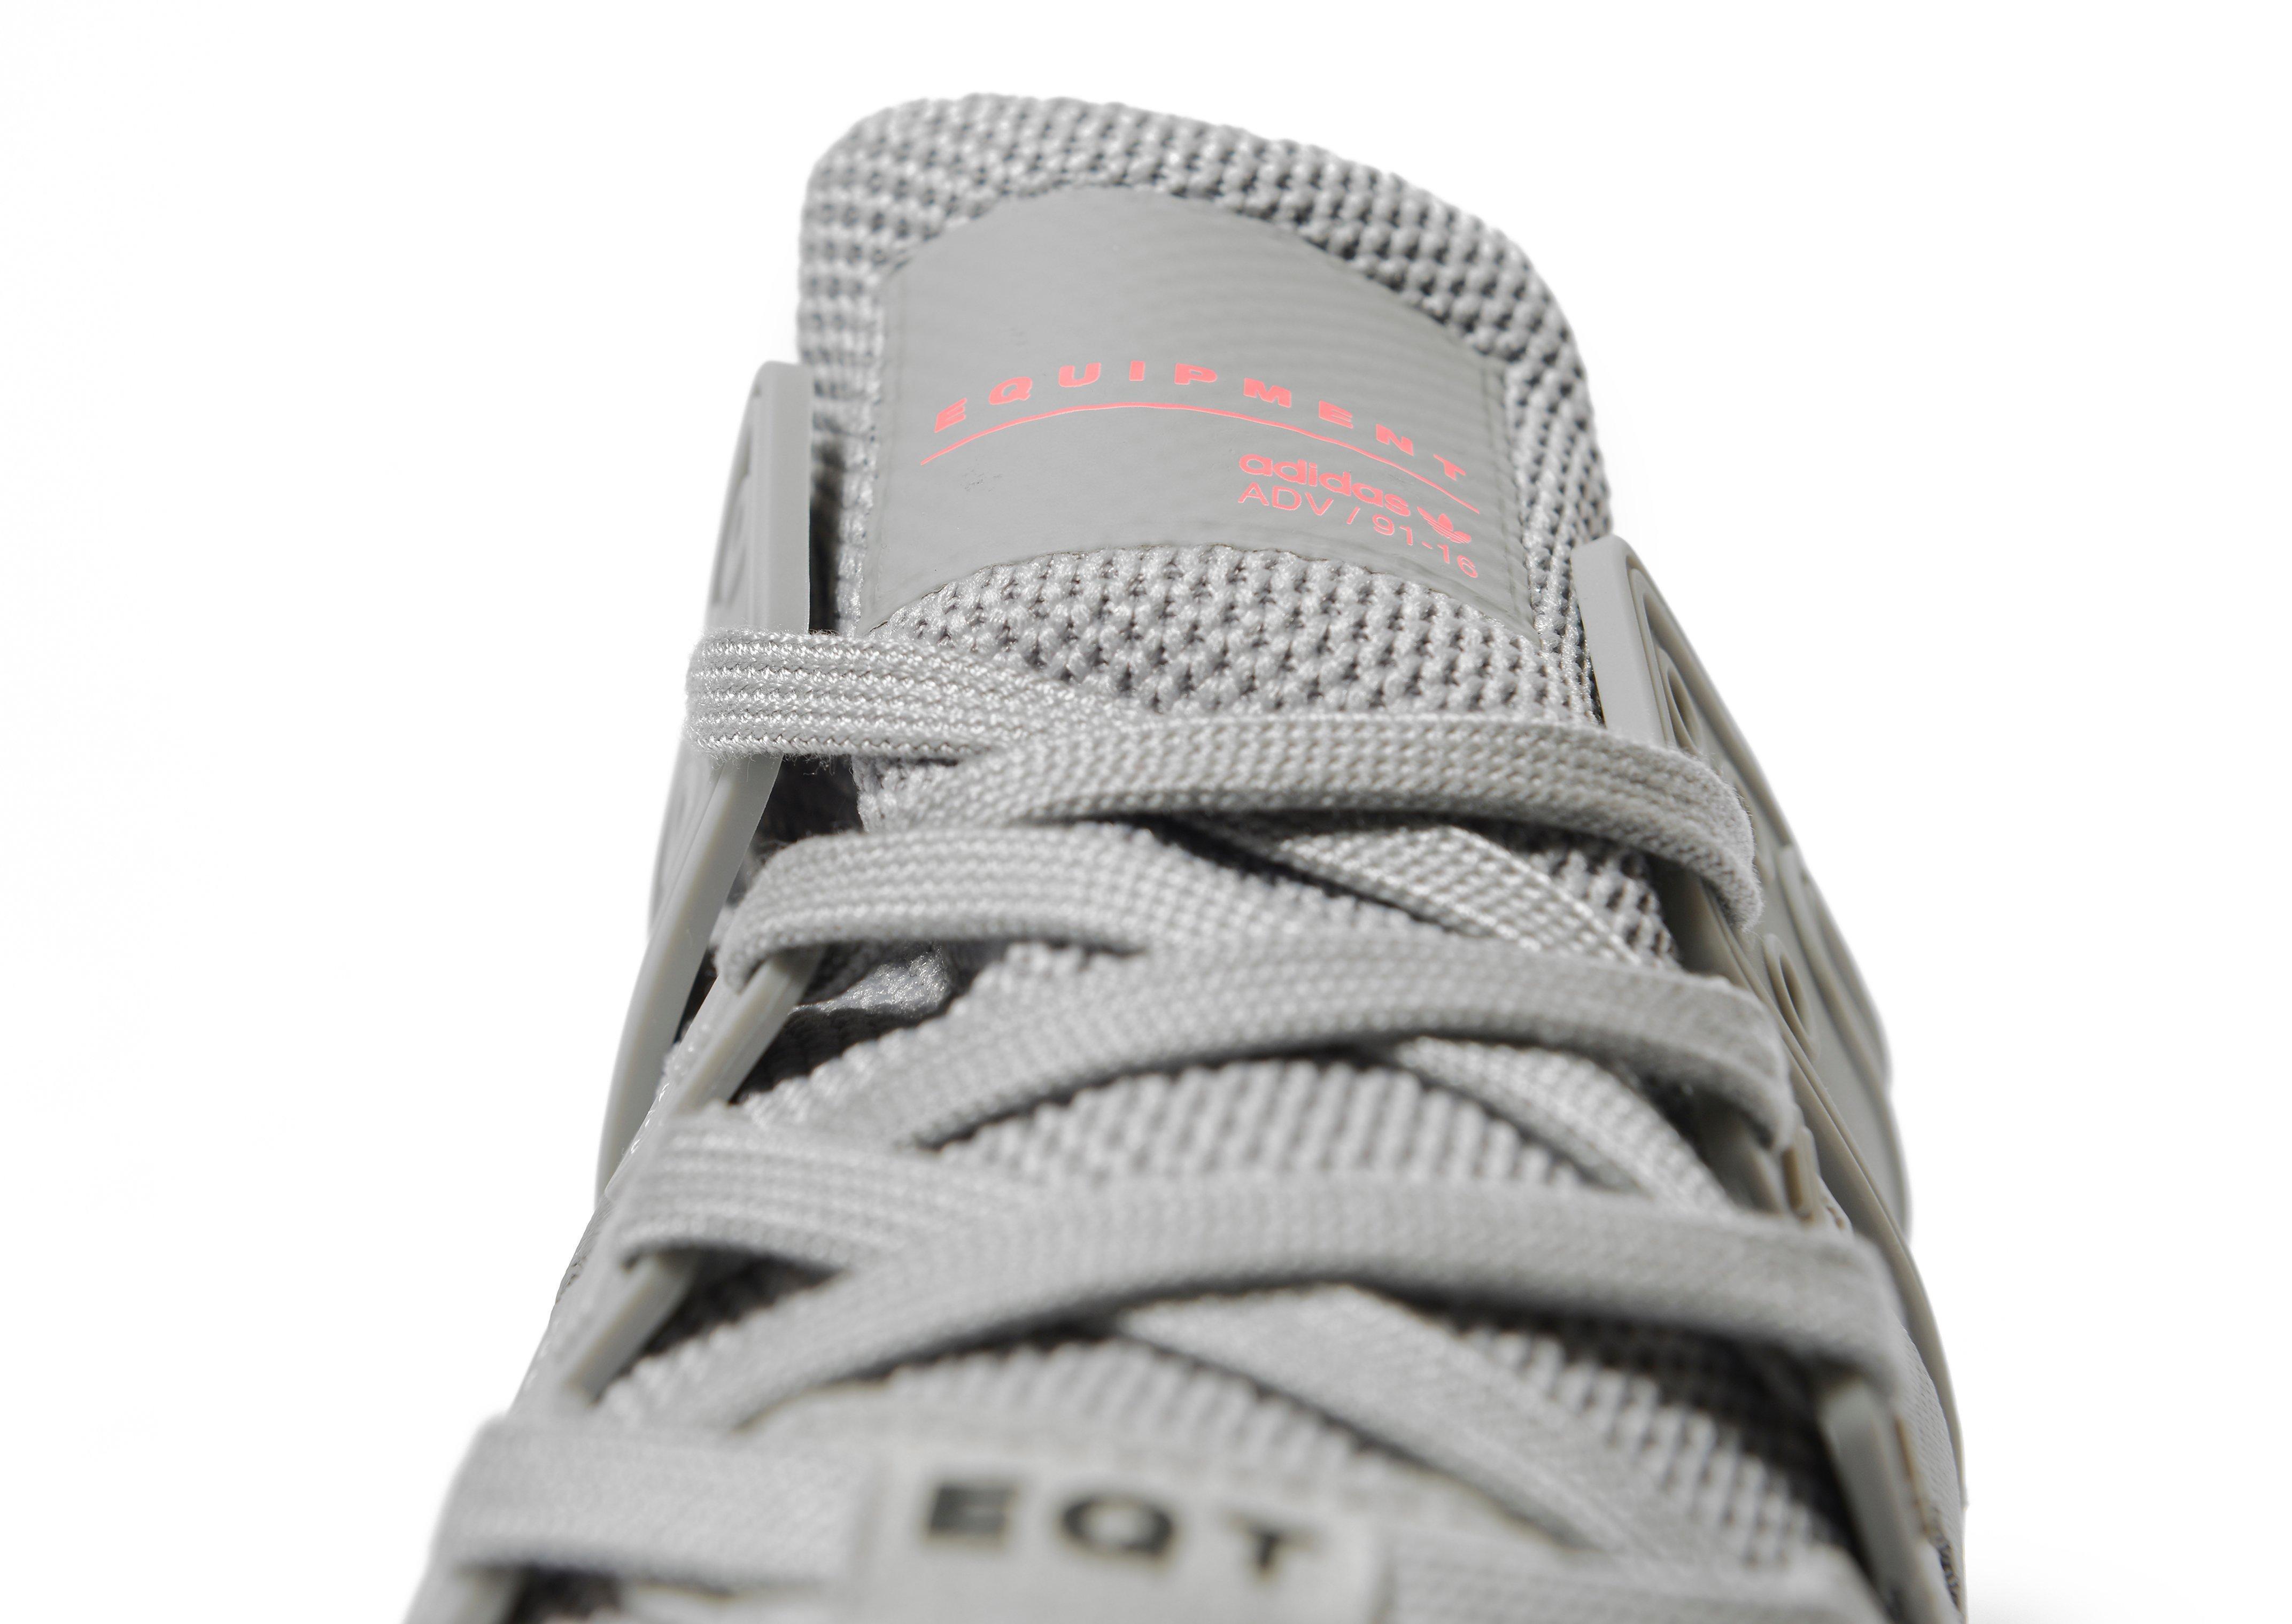 Lyst Adidas Originali Eqt Appoggio Avanzata In Grigio Per Gli Uomini.